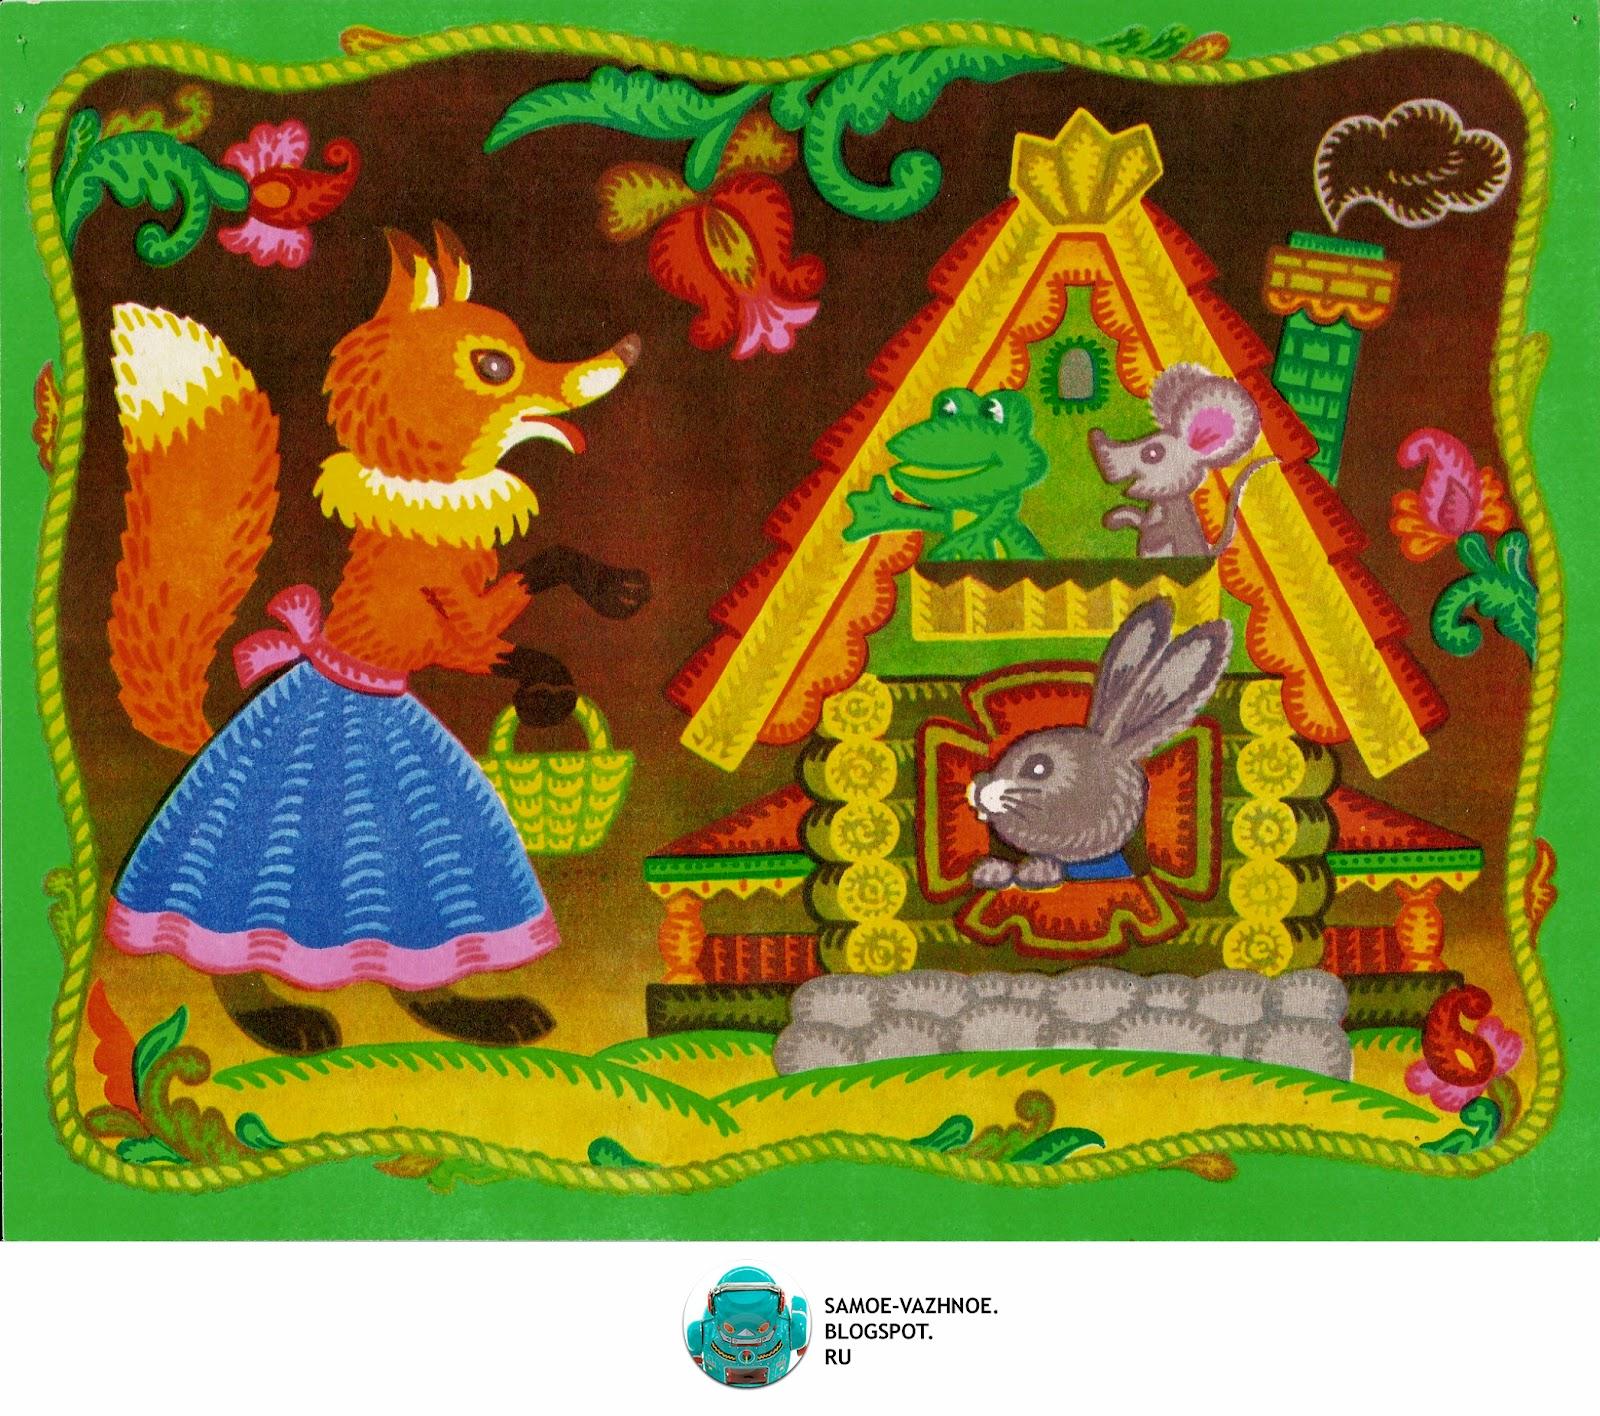 Иллюстрация сказок нарисованных детьми